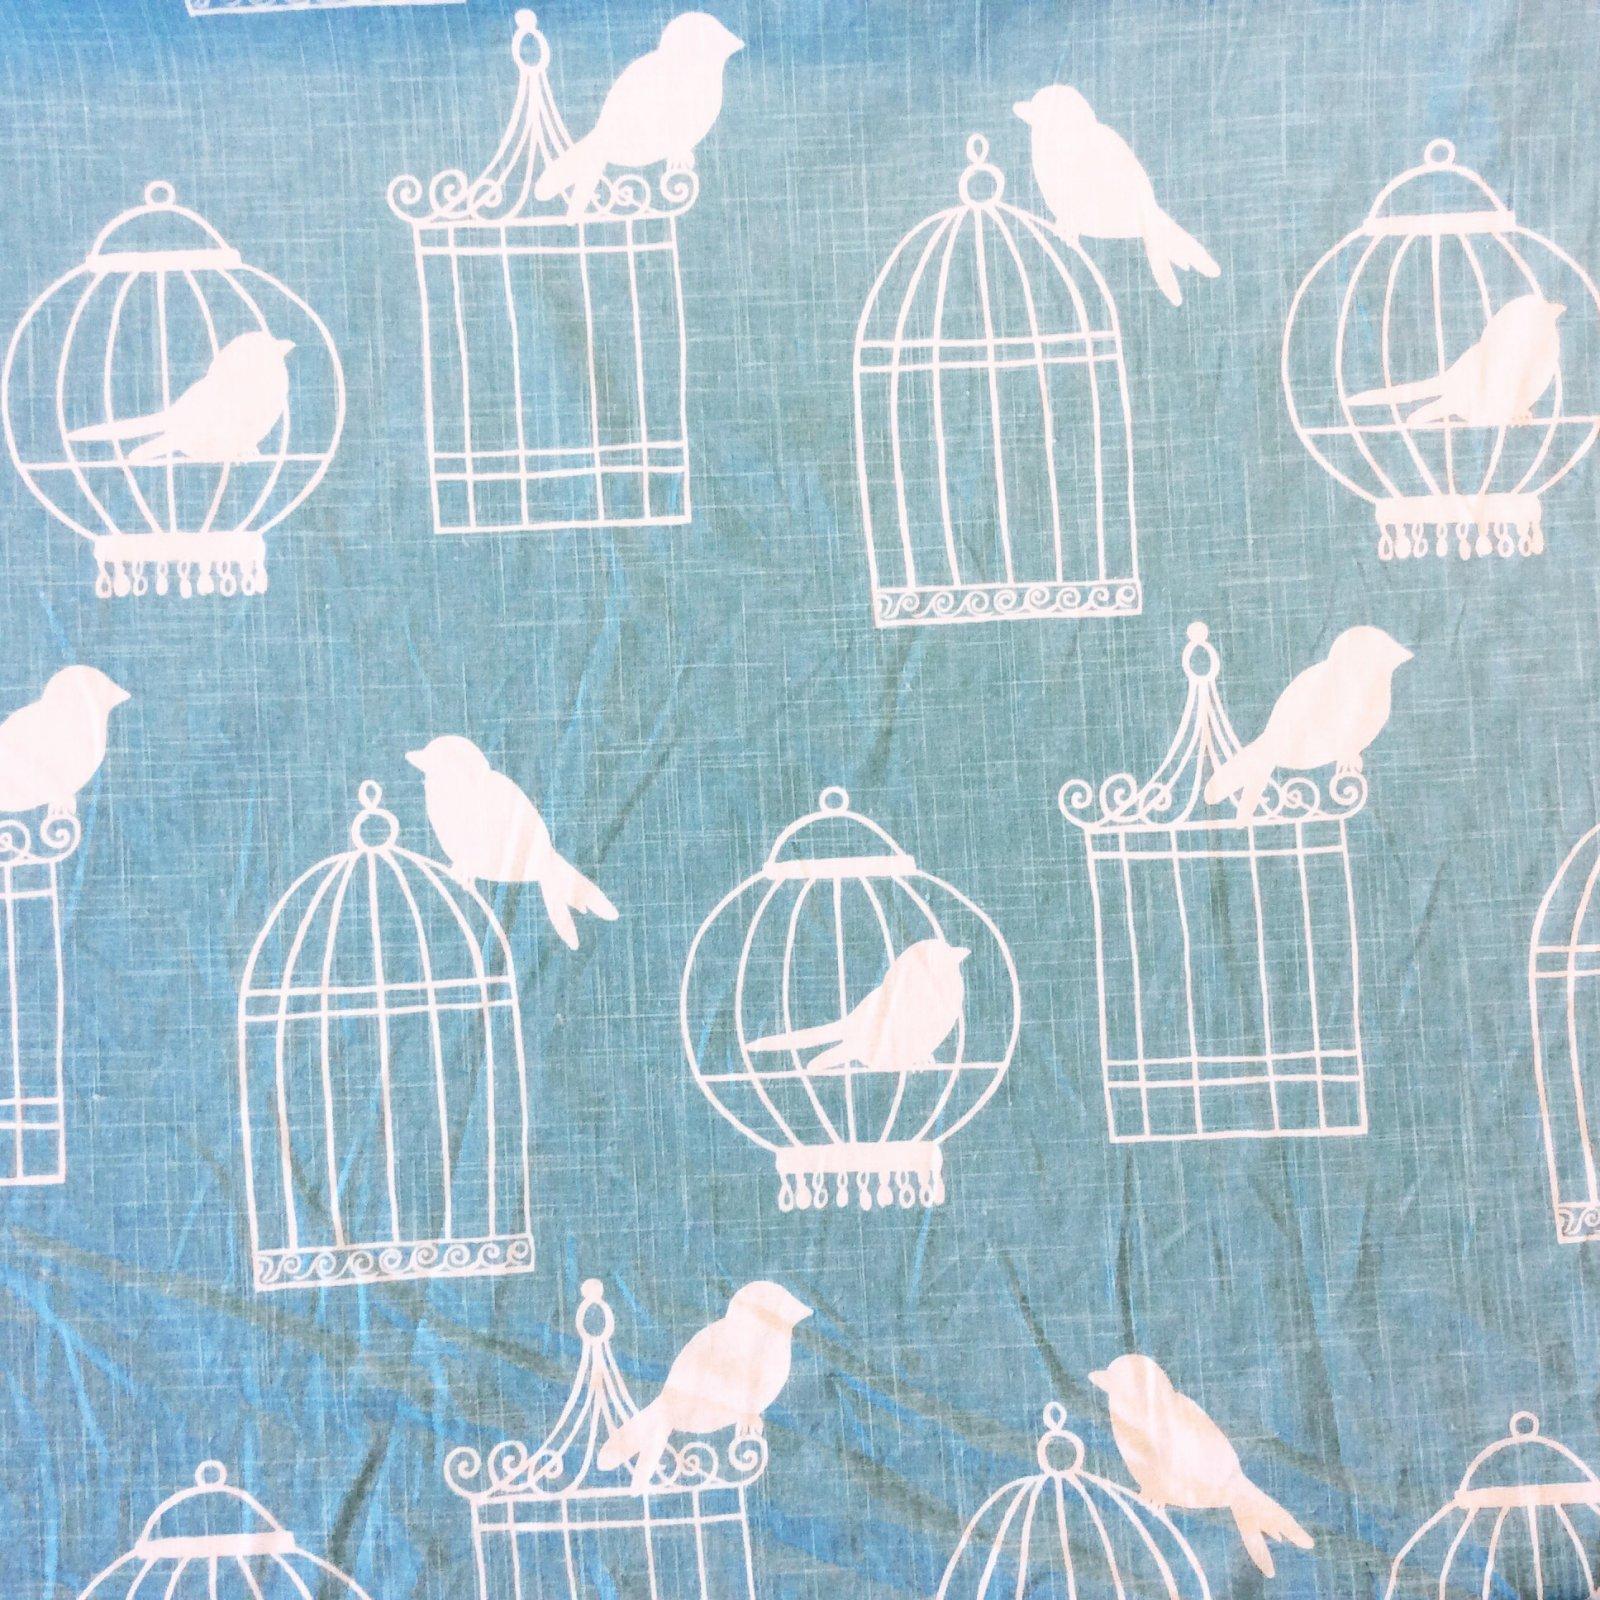 Bird Modern Silouhette Linen Texture Aqua Blue Birdcages Cotton Linen Fabric Drapery Fabric LDSO510